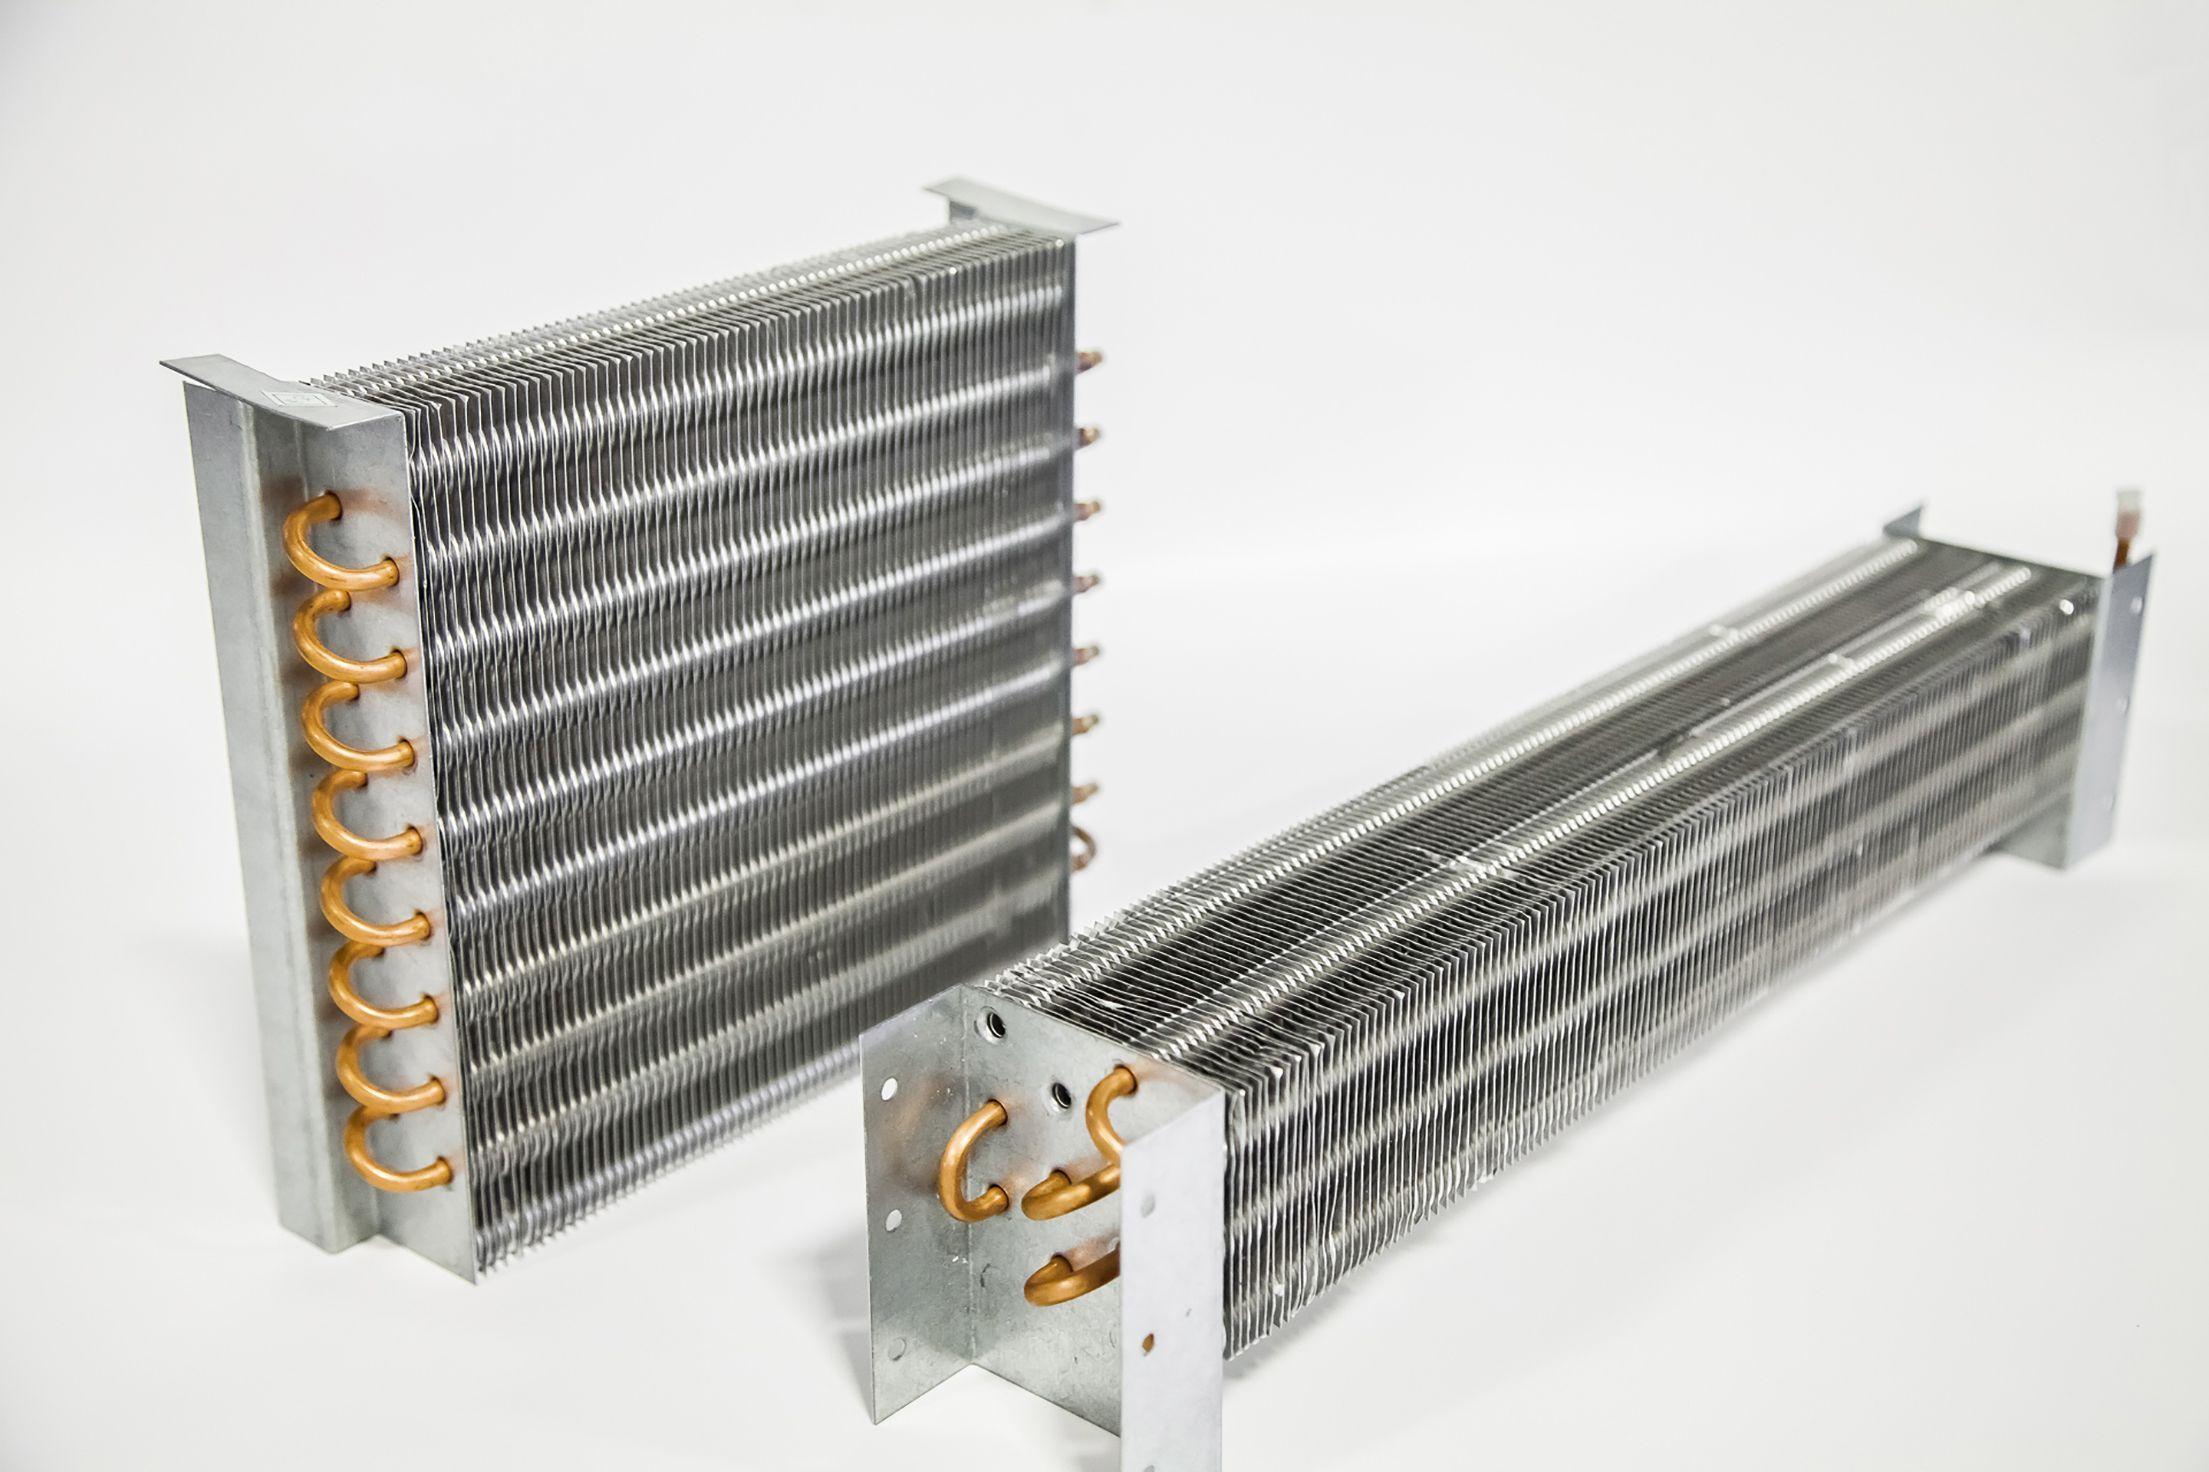 Diese Warmeubertrager Sind Fur Das Kaltemittel Propan Geeignet Luftung Warmepumpe Und Technik